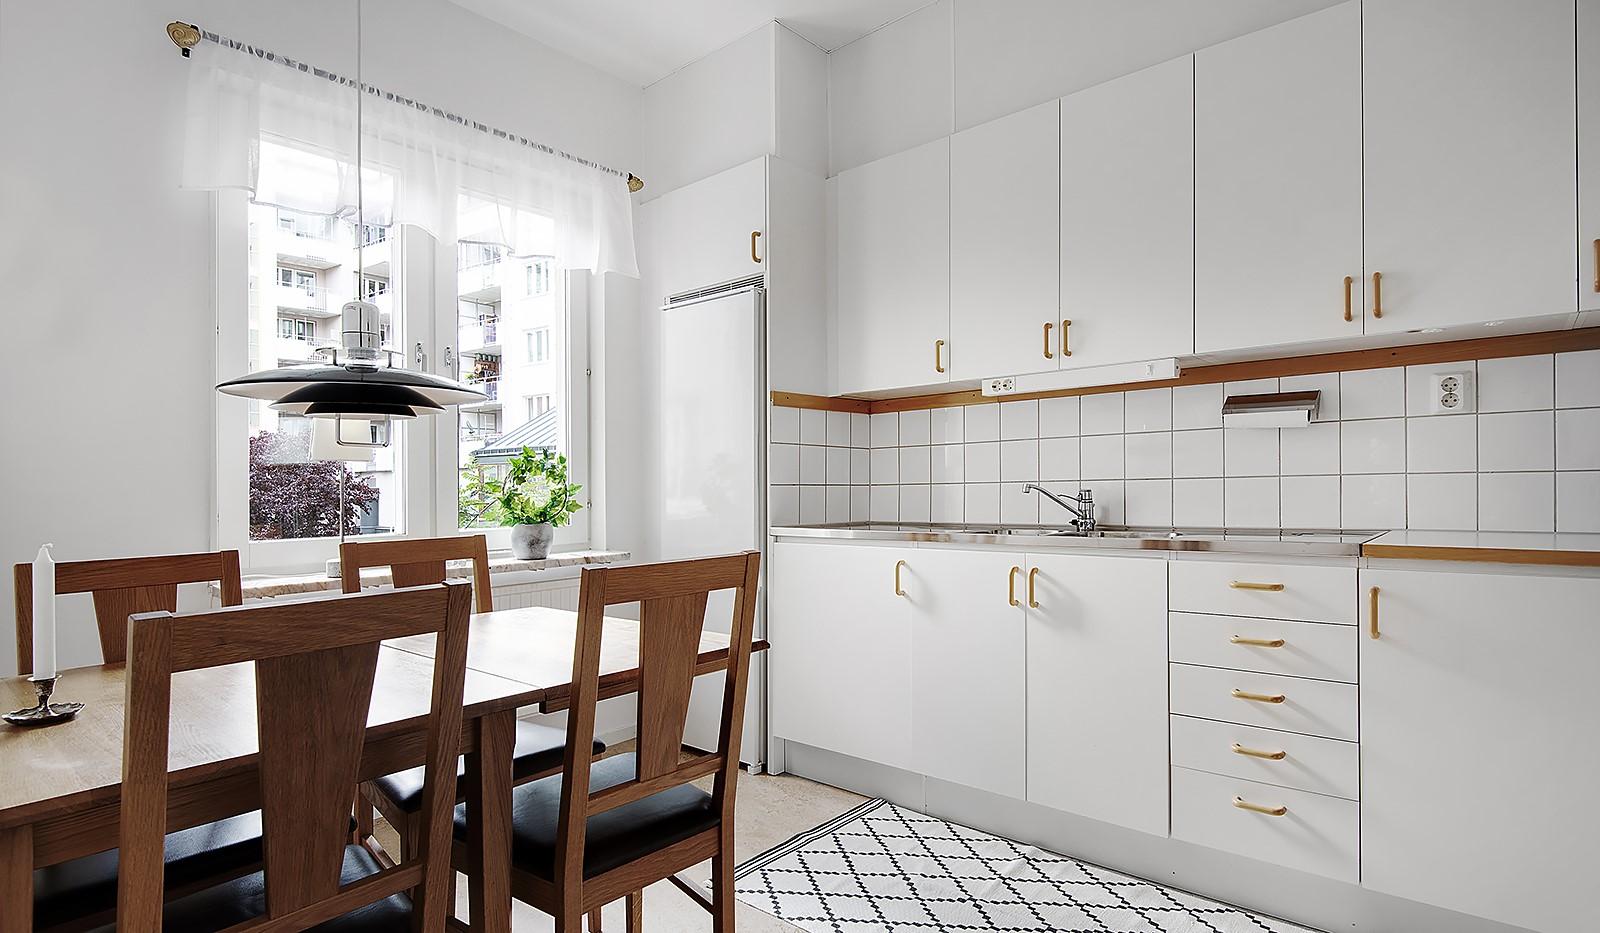 Fatburs Kvarngata 28 - Riktigt kök med matplats